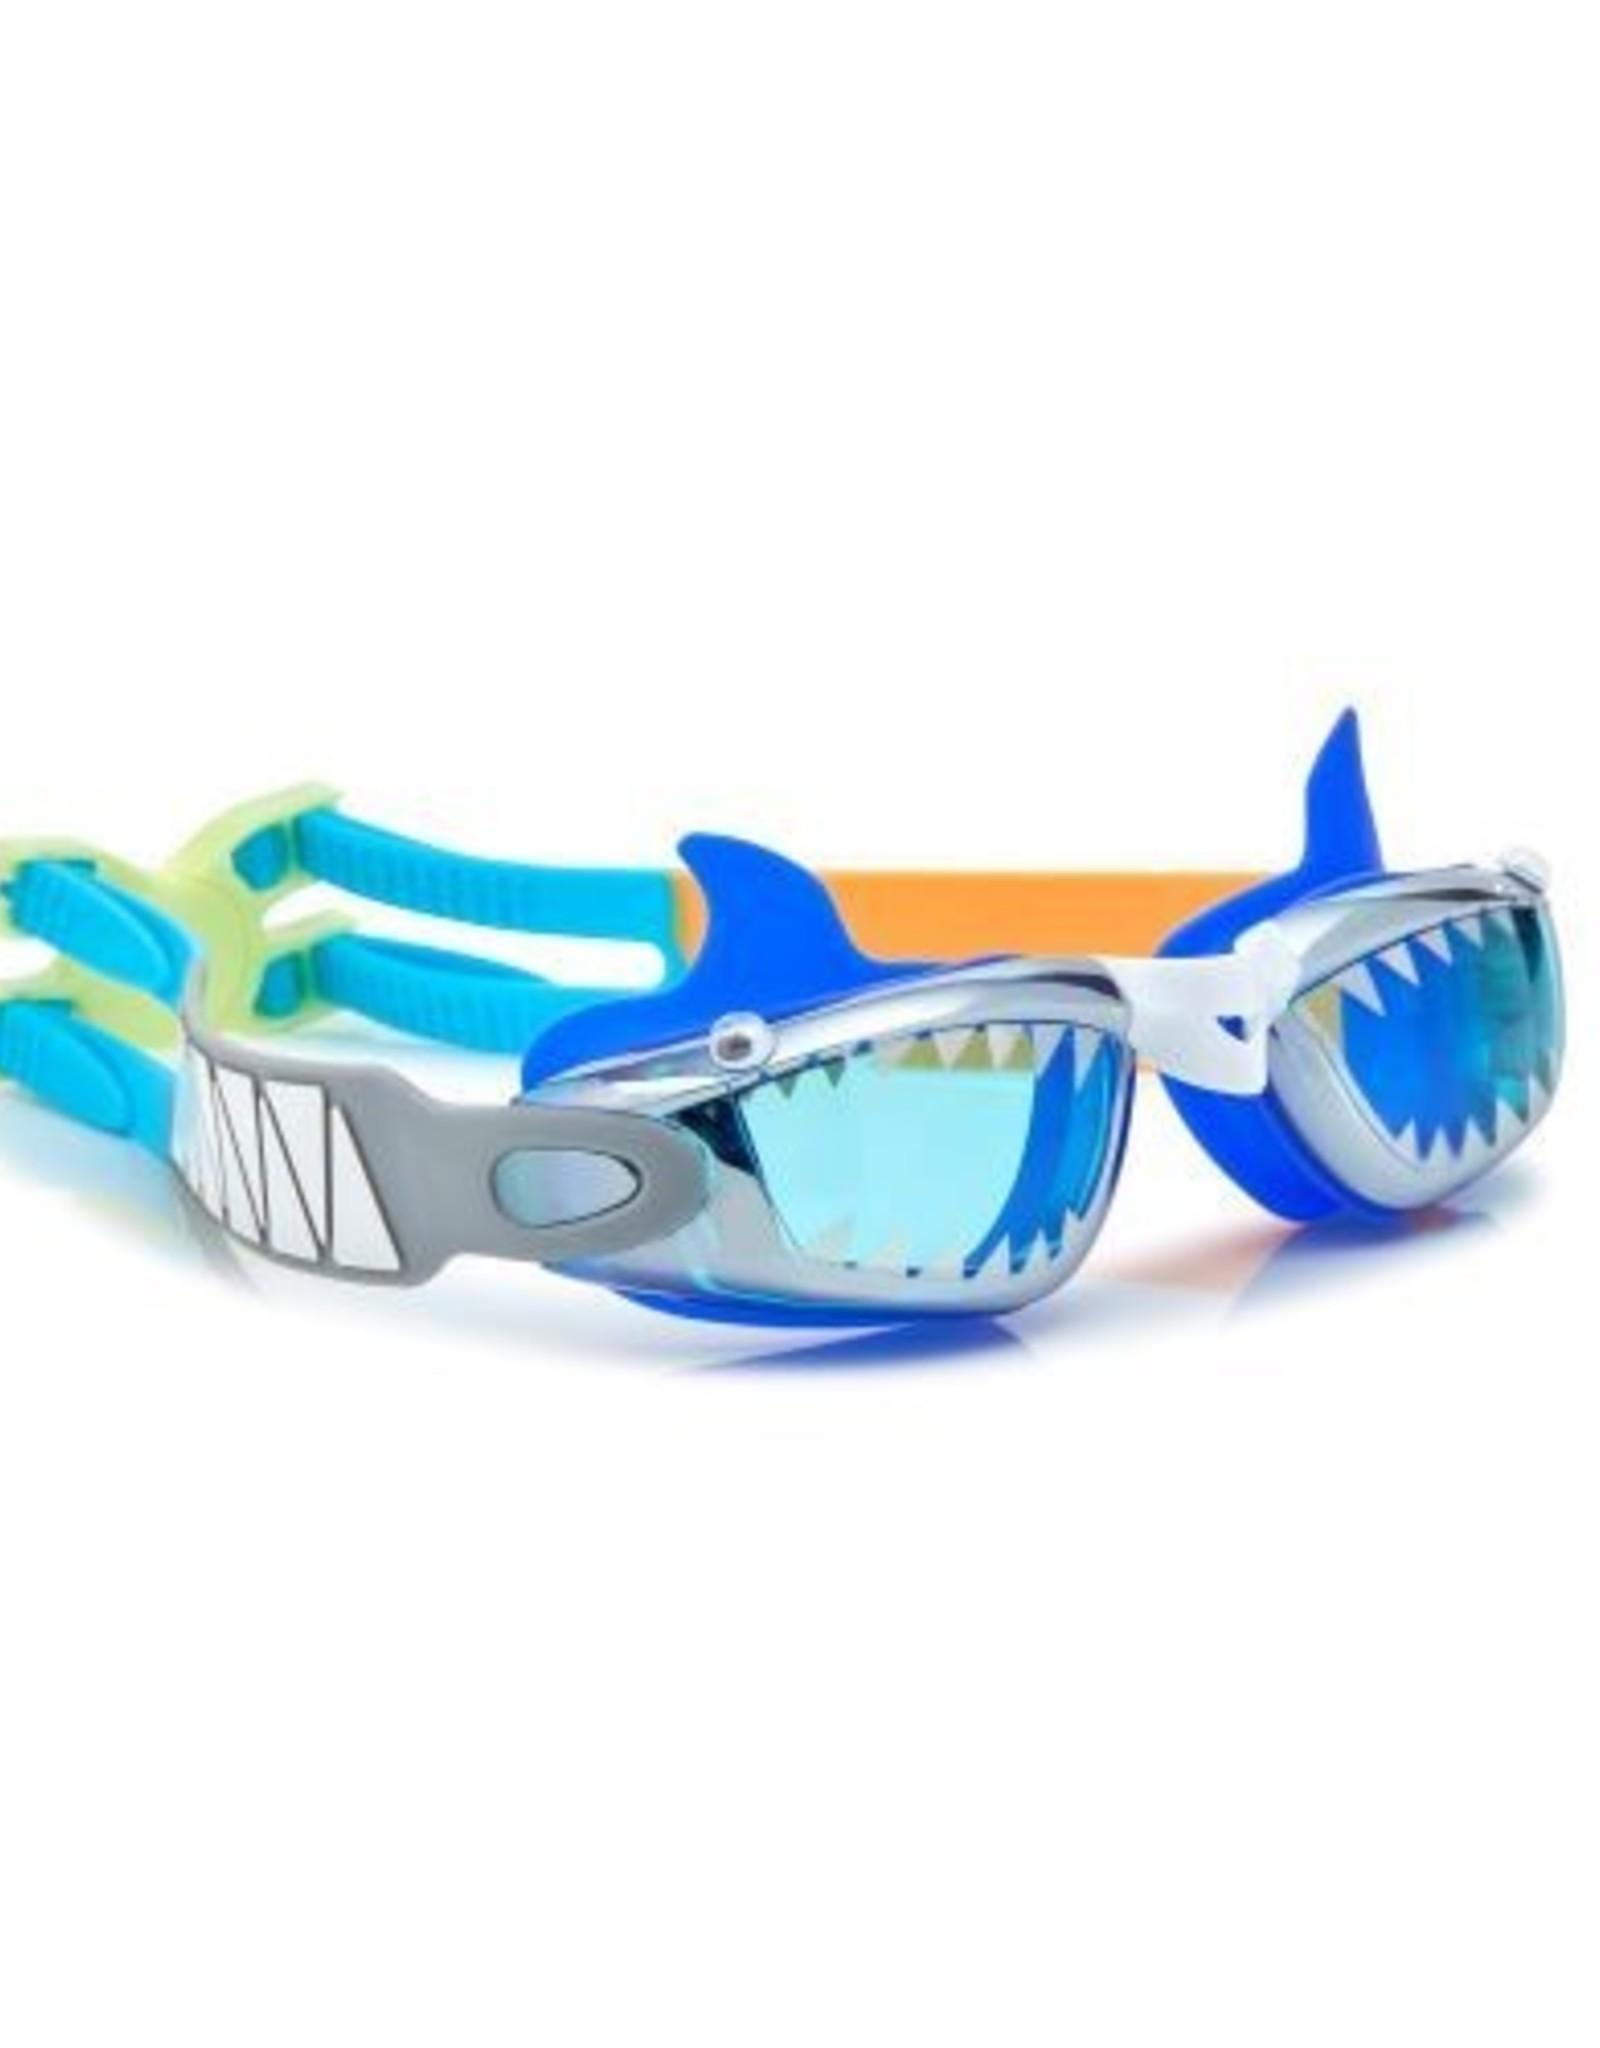 Bling2O Bling2O Boys Goggles